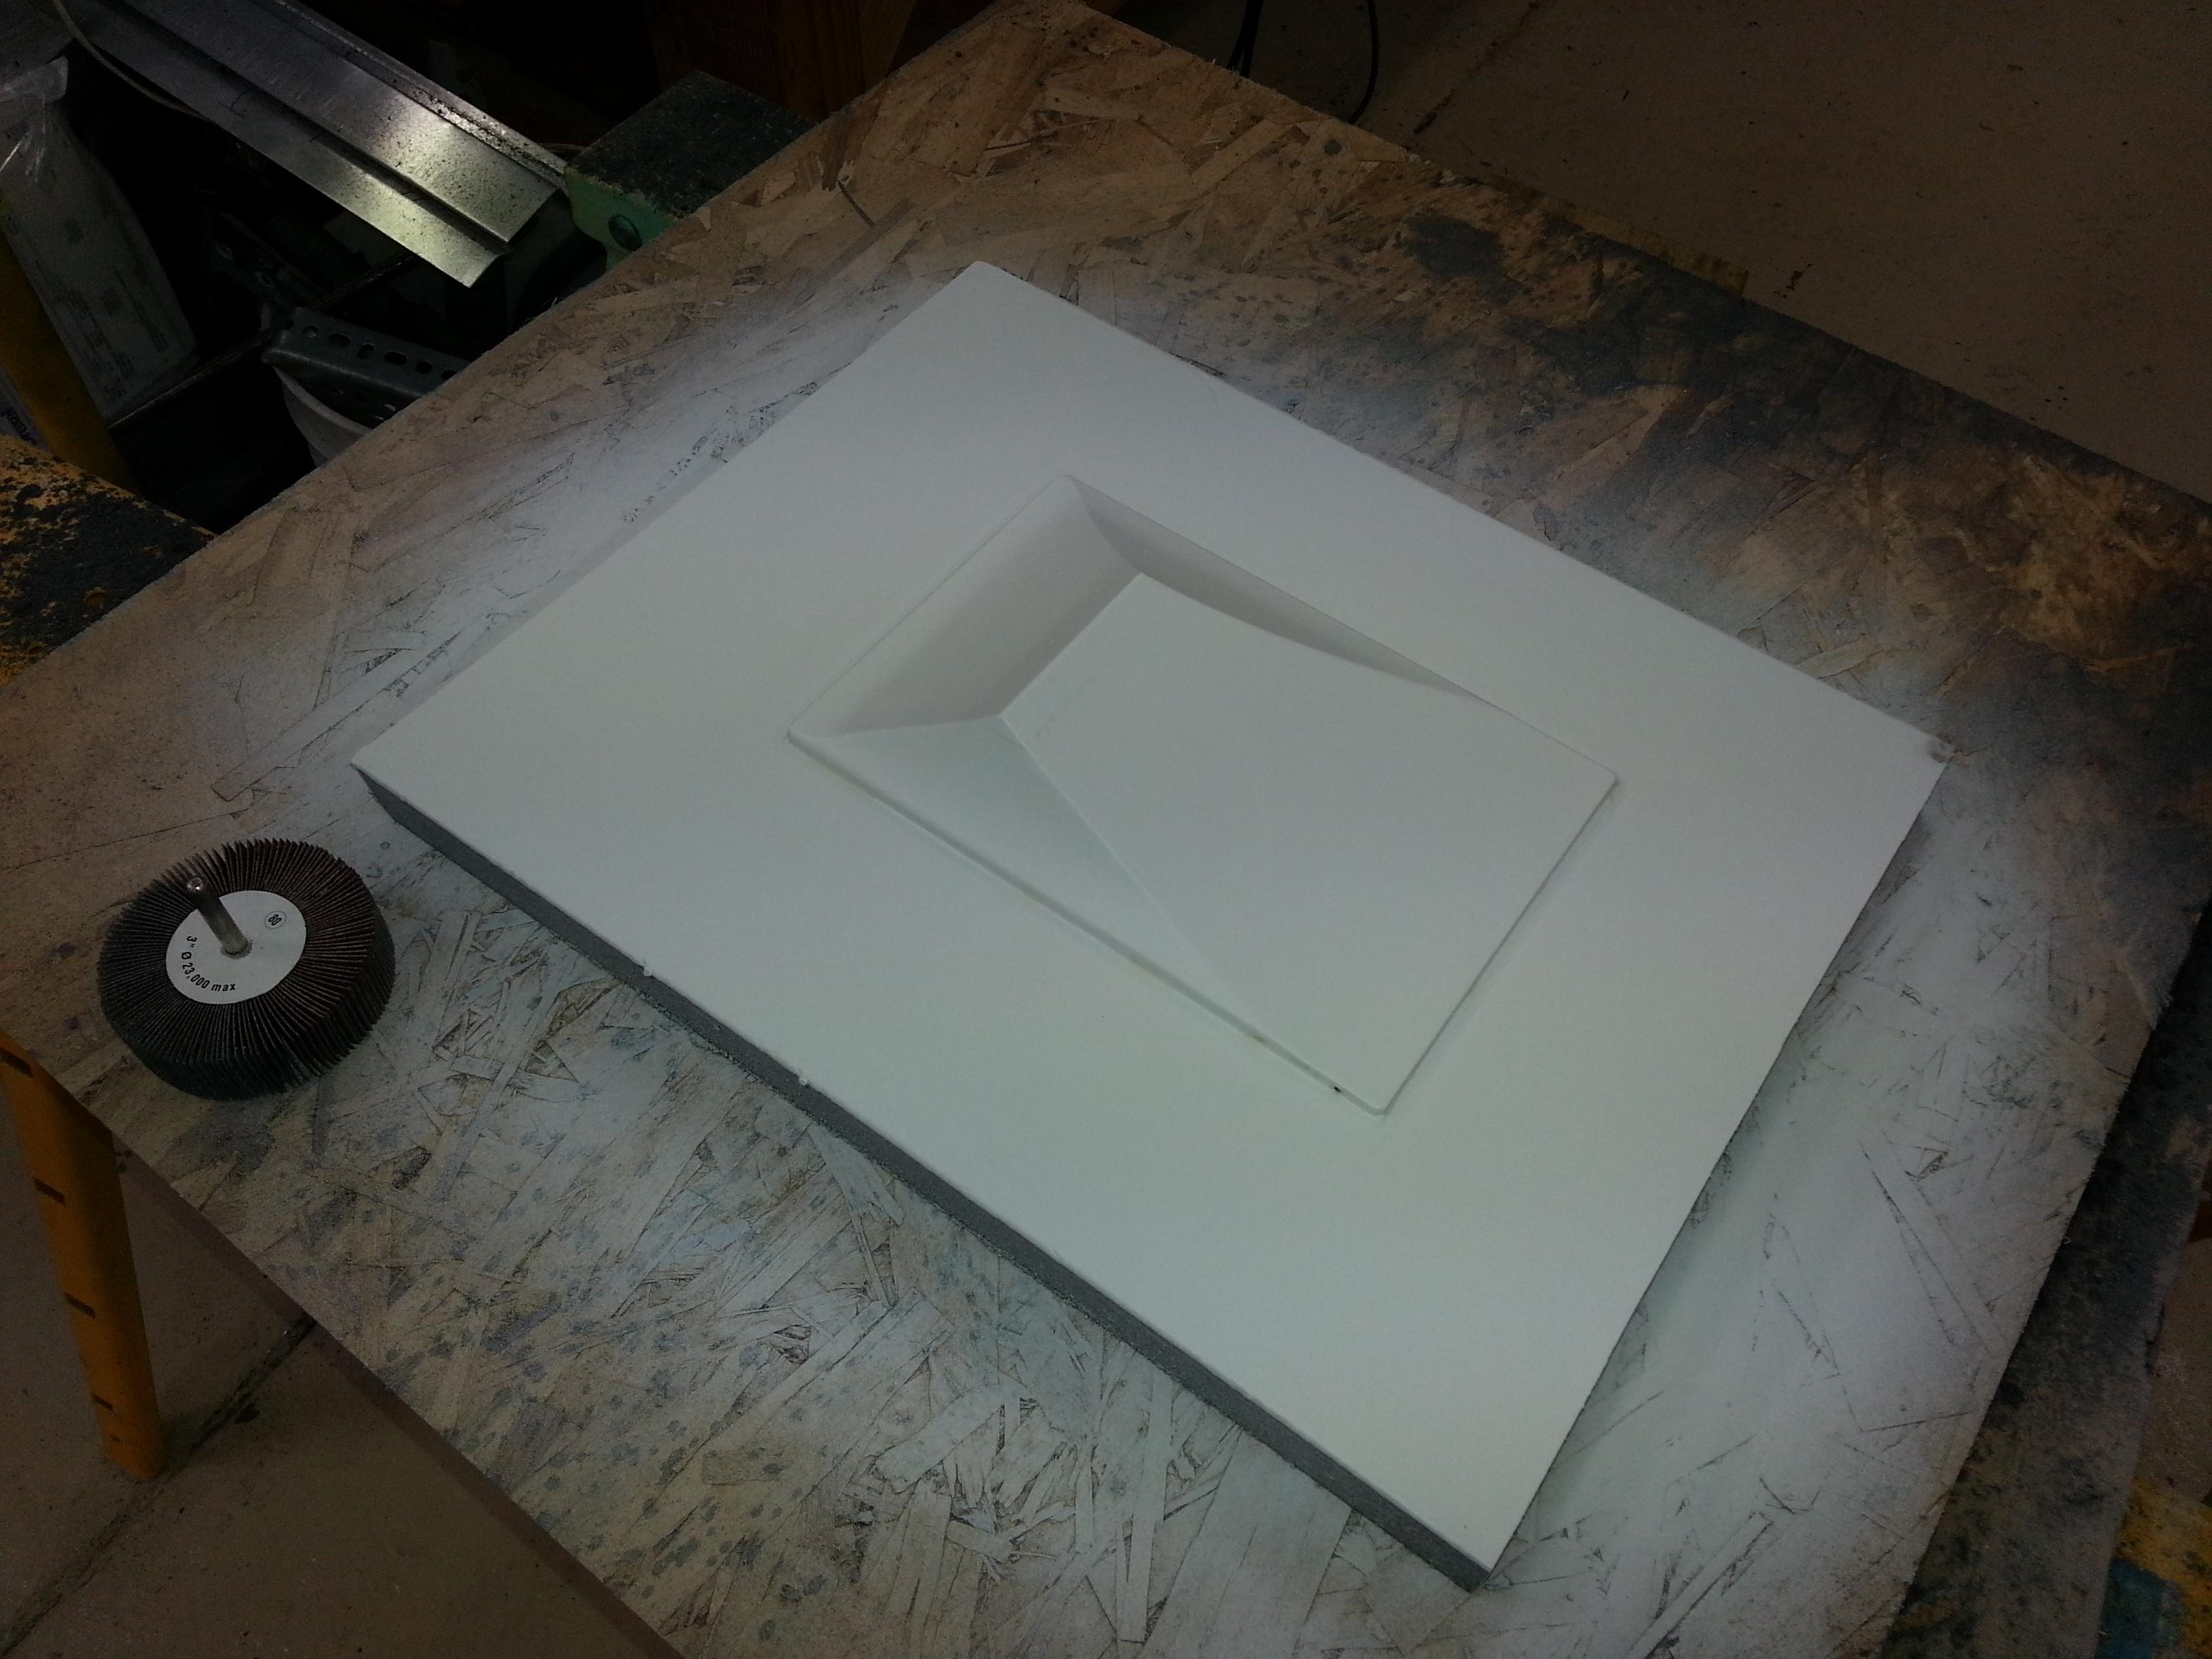 Press mold making